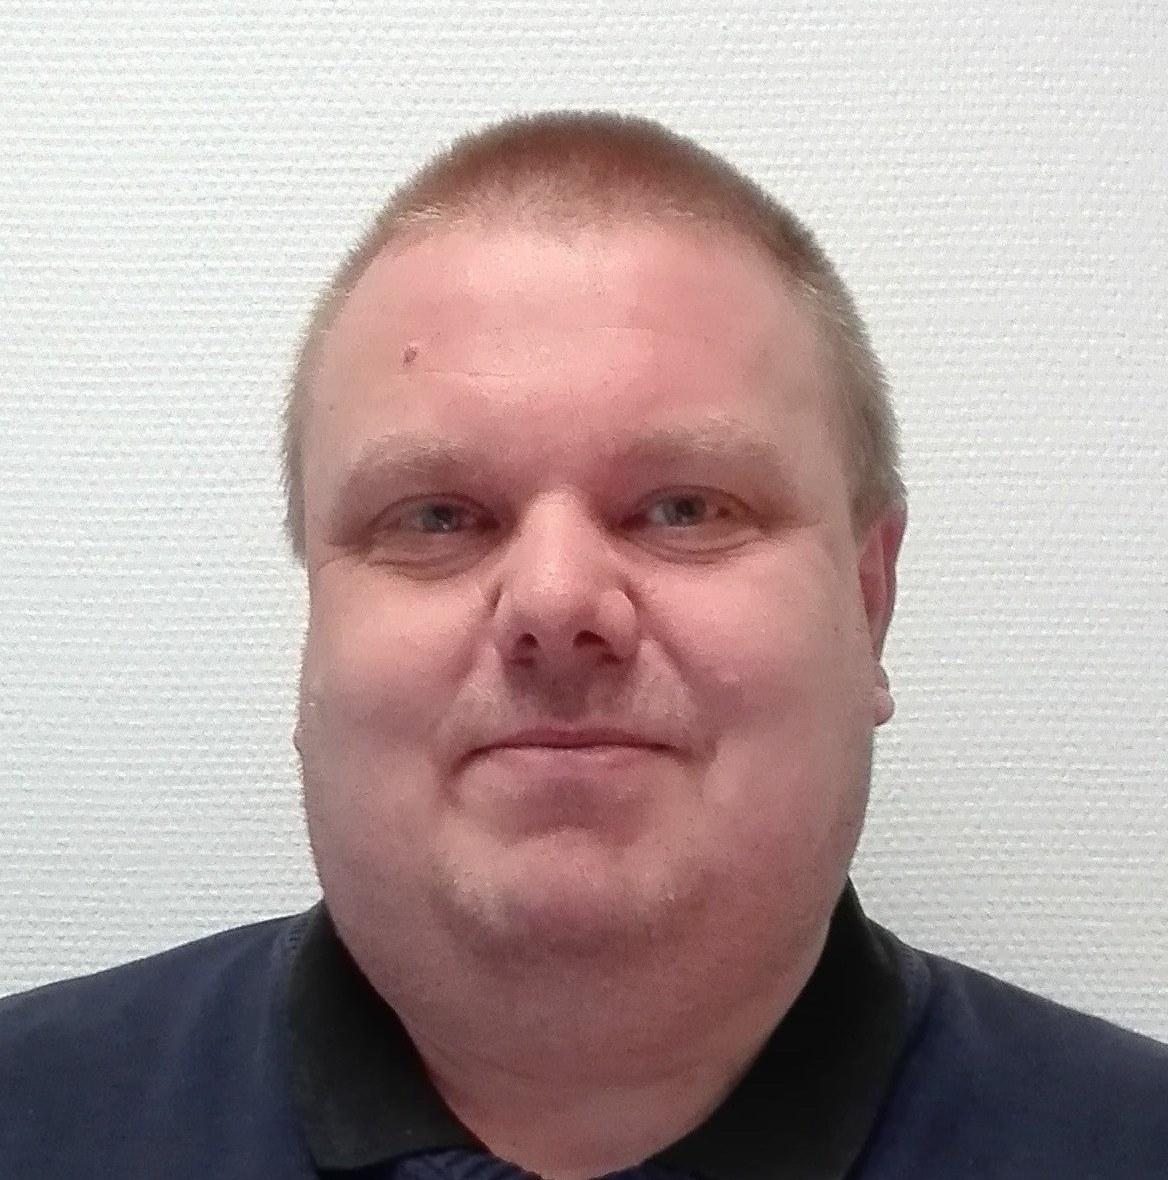 Carsten Nikolajsen